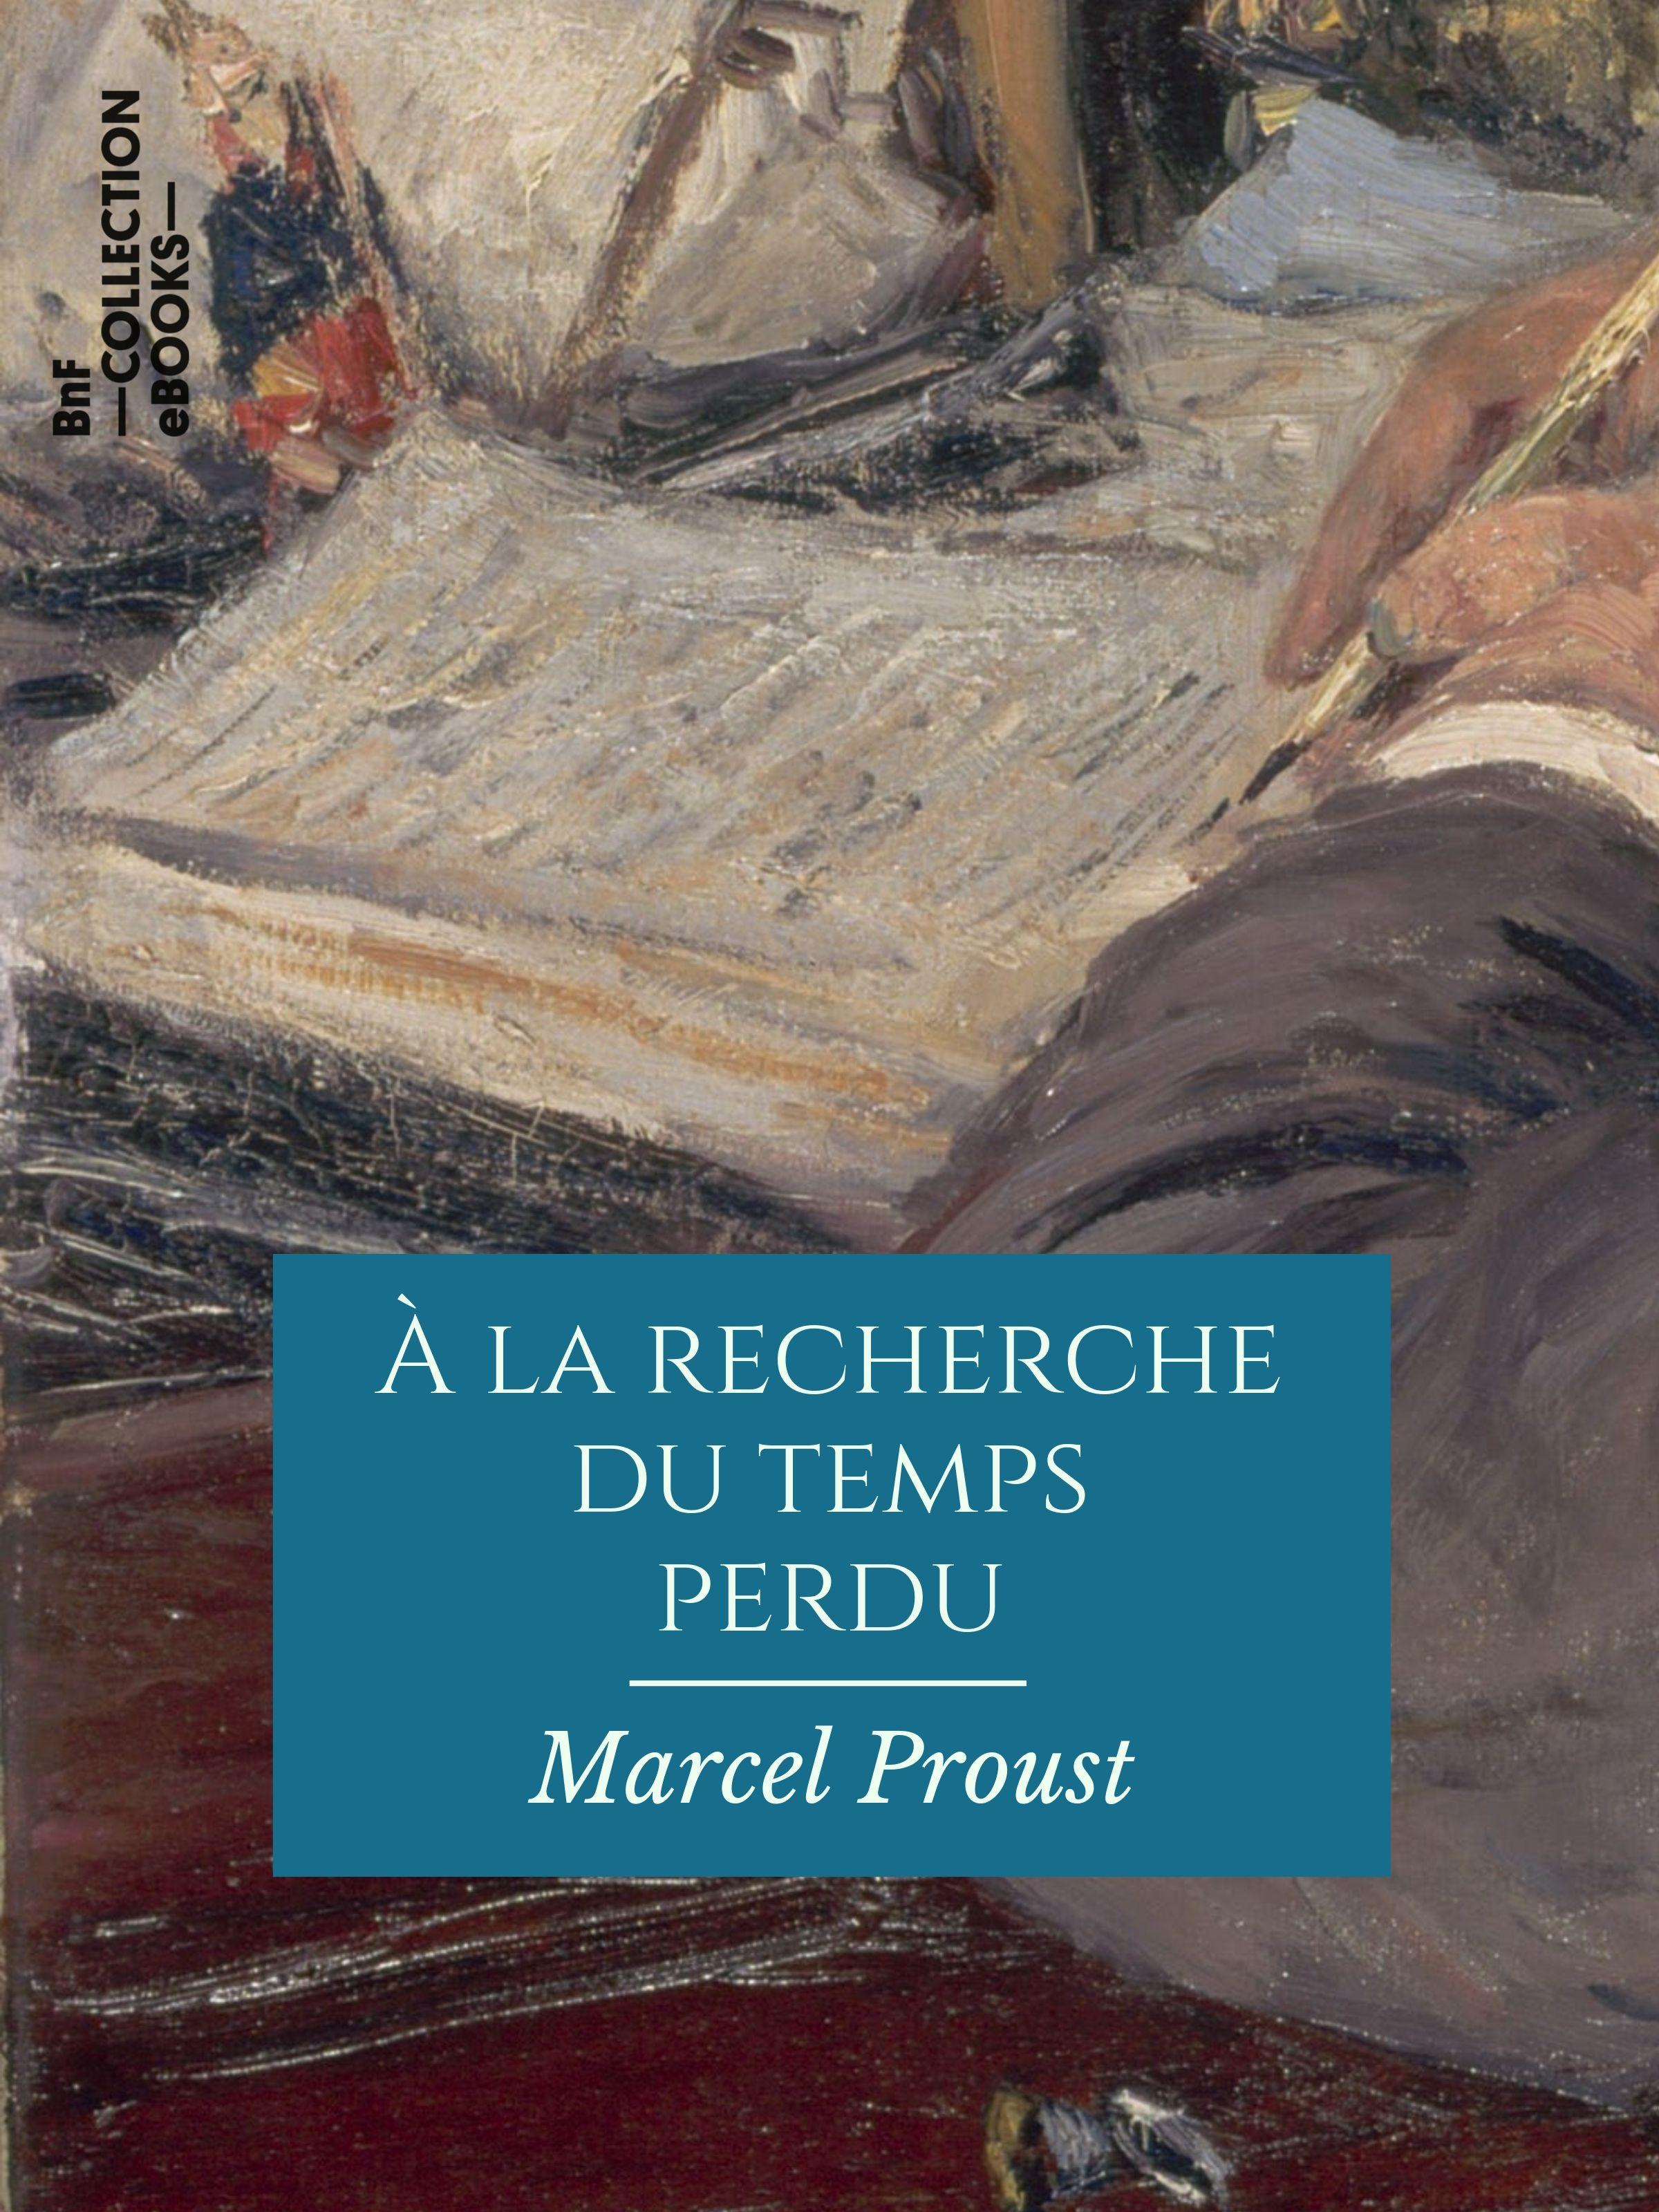 Vignette du livre À la recherche du temps perdu - Marcel Proust